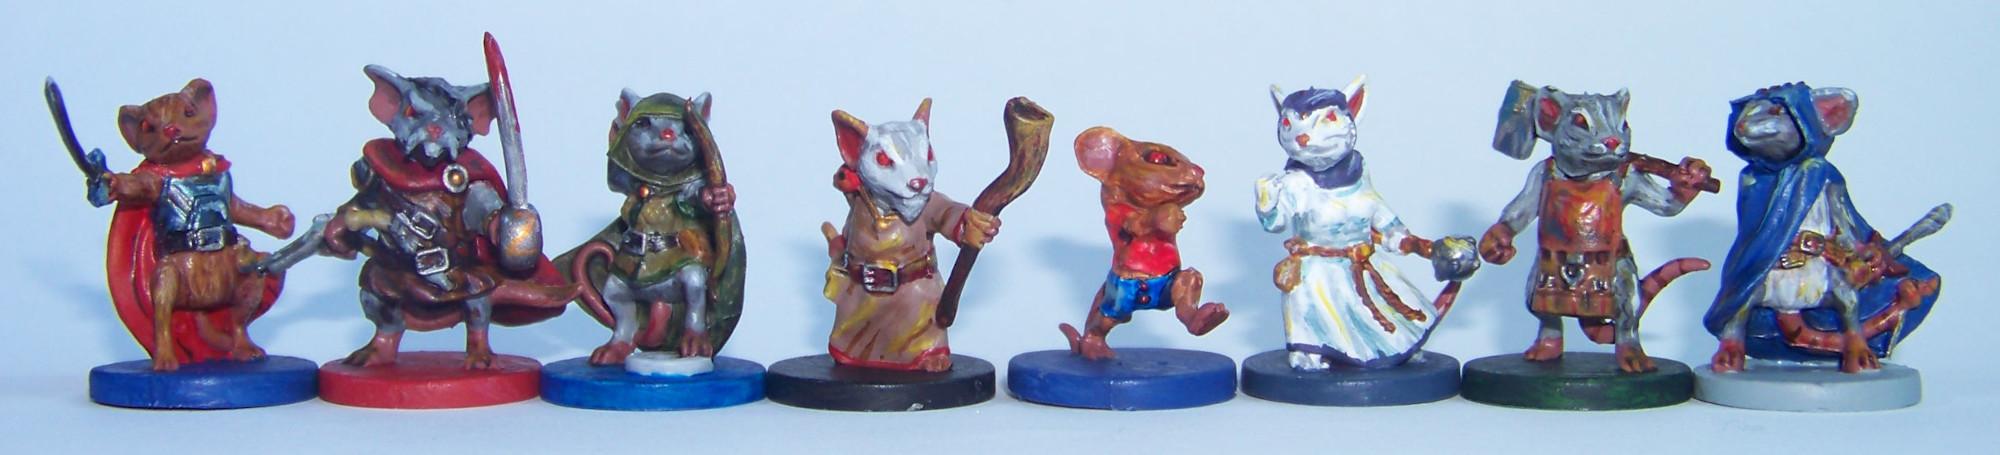 De ratones y Magia - miniaturas - ratones